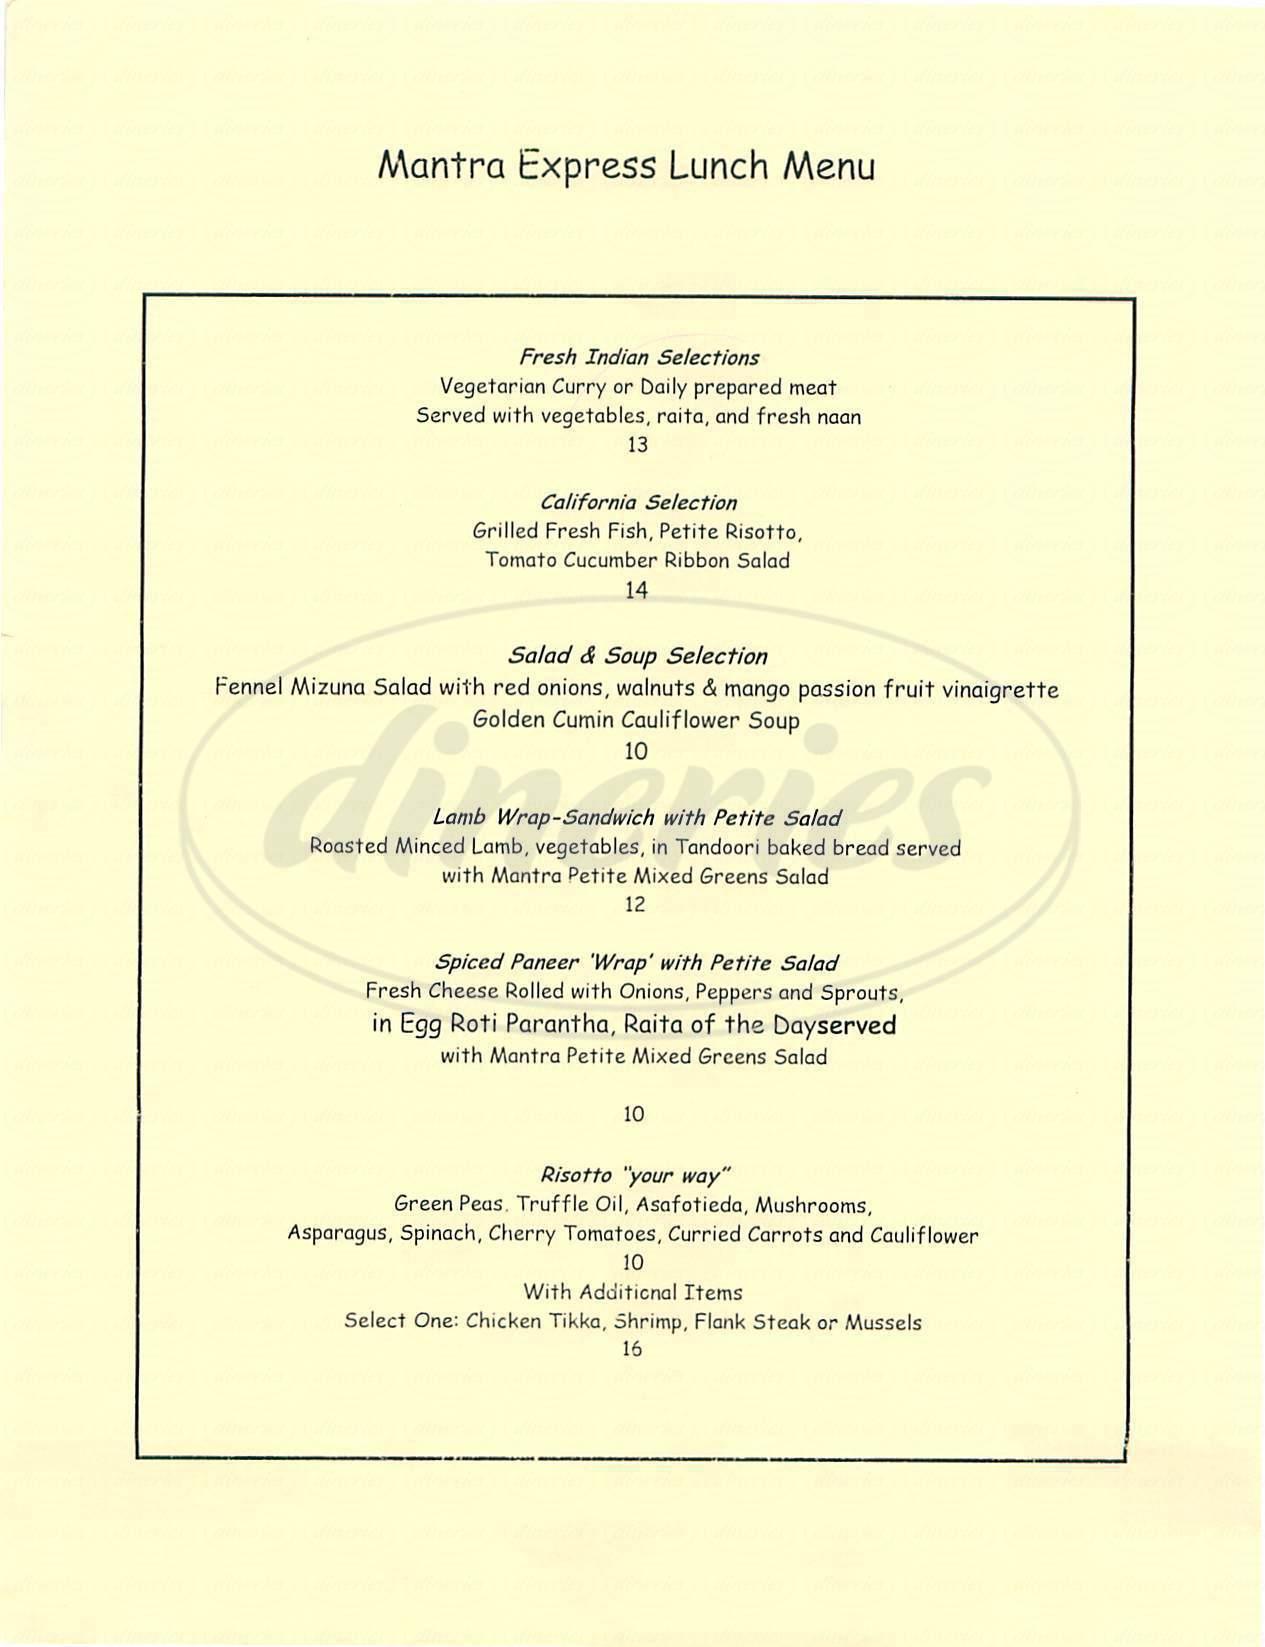 menu for Mantra